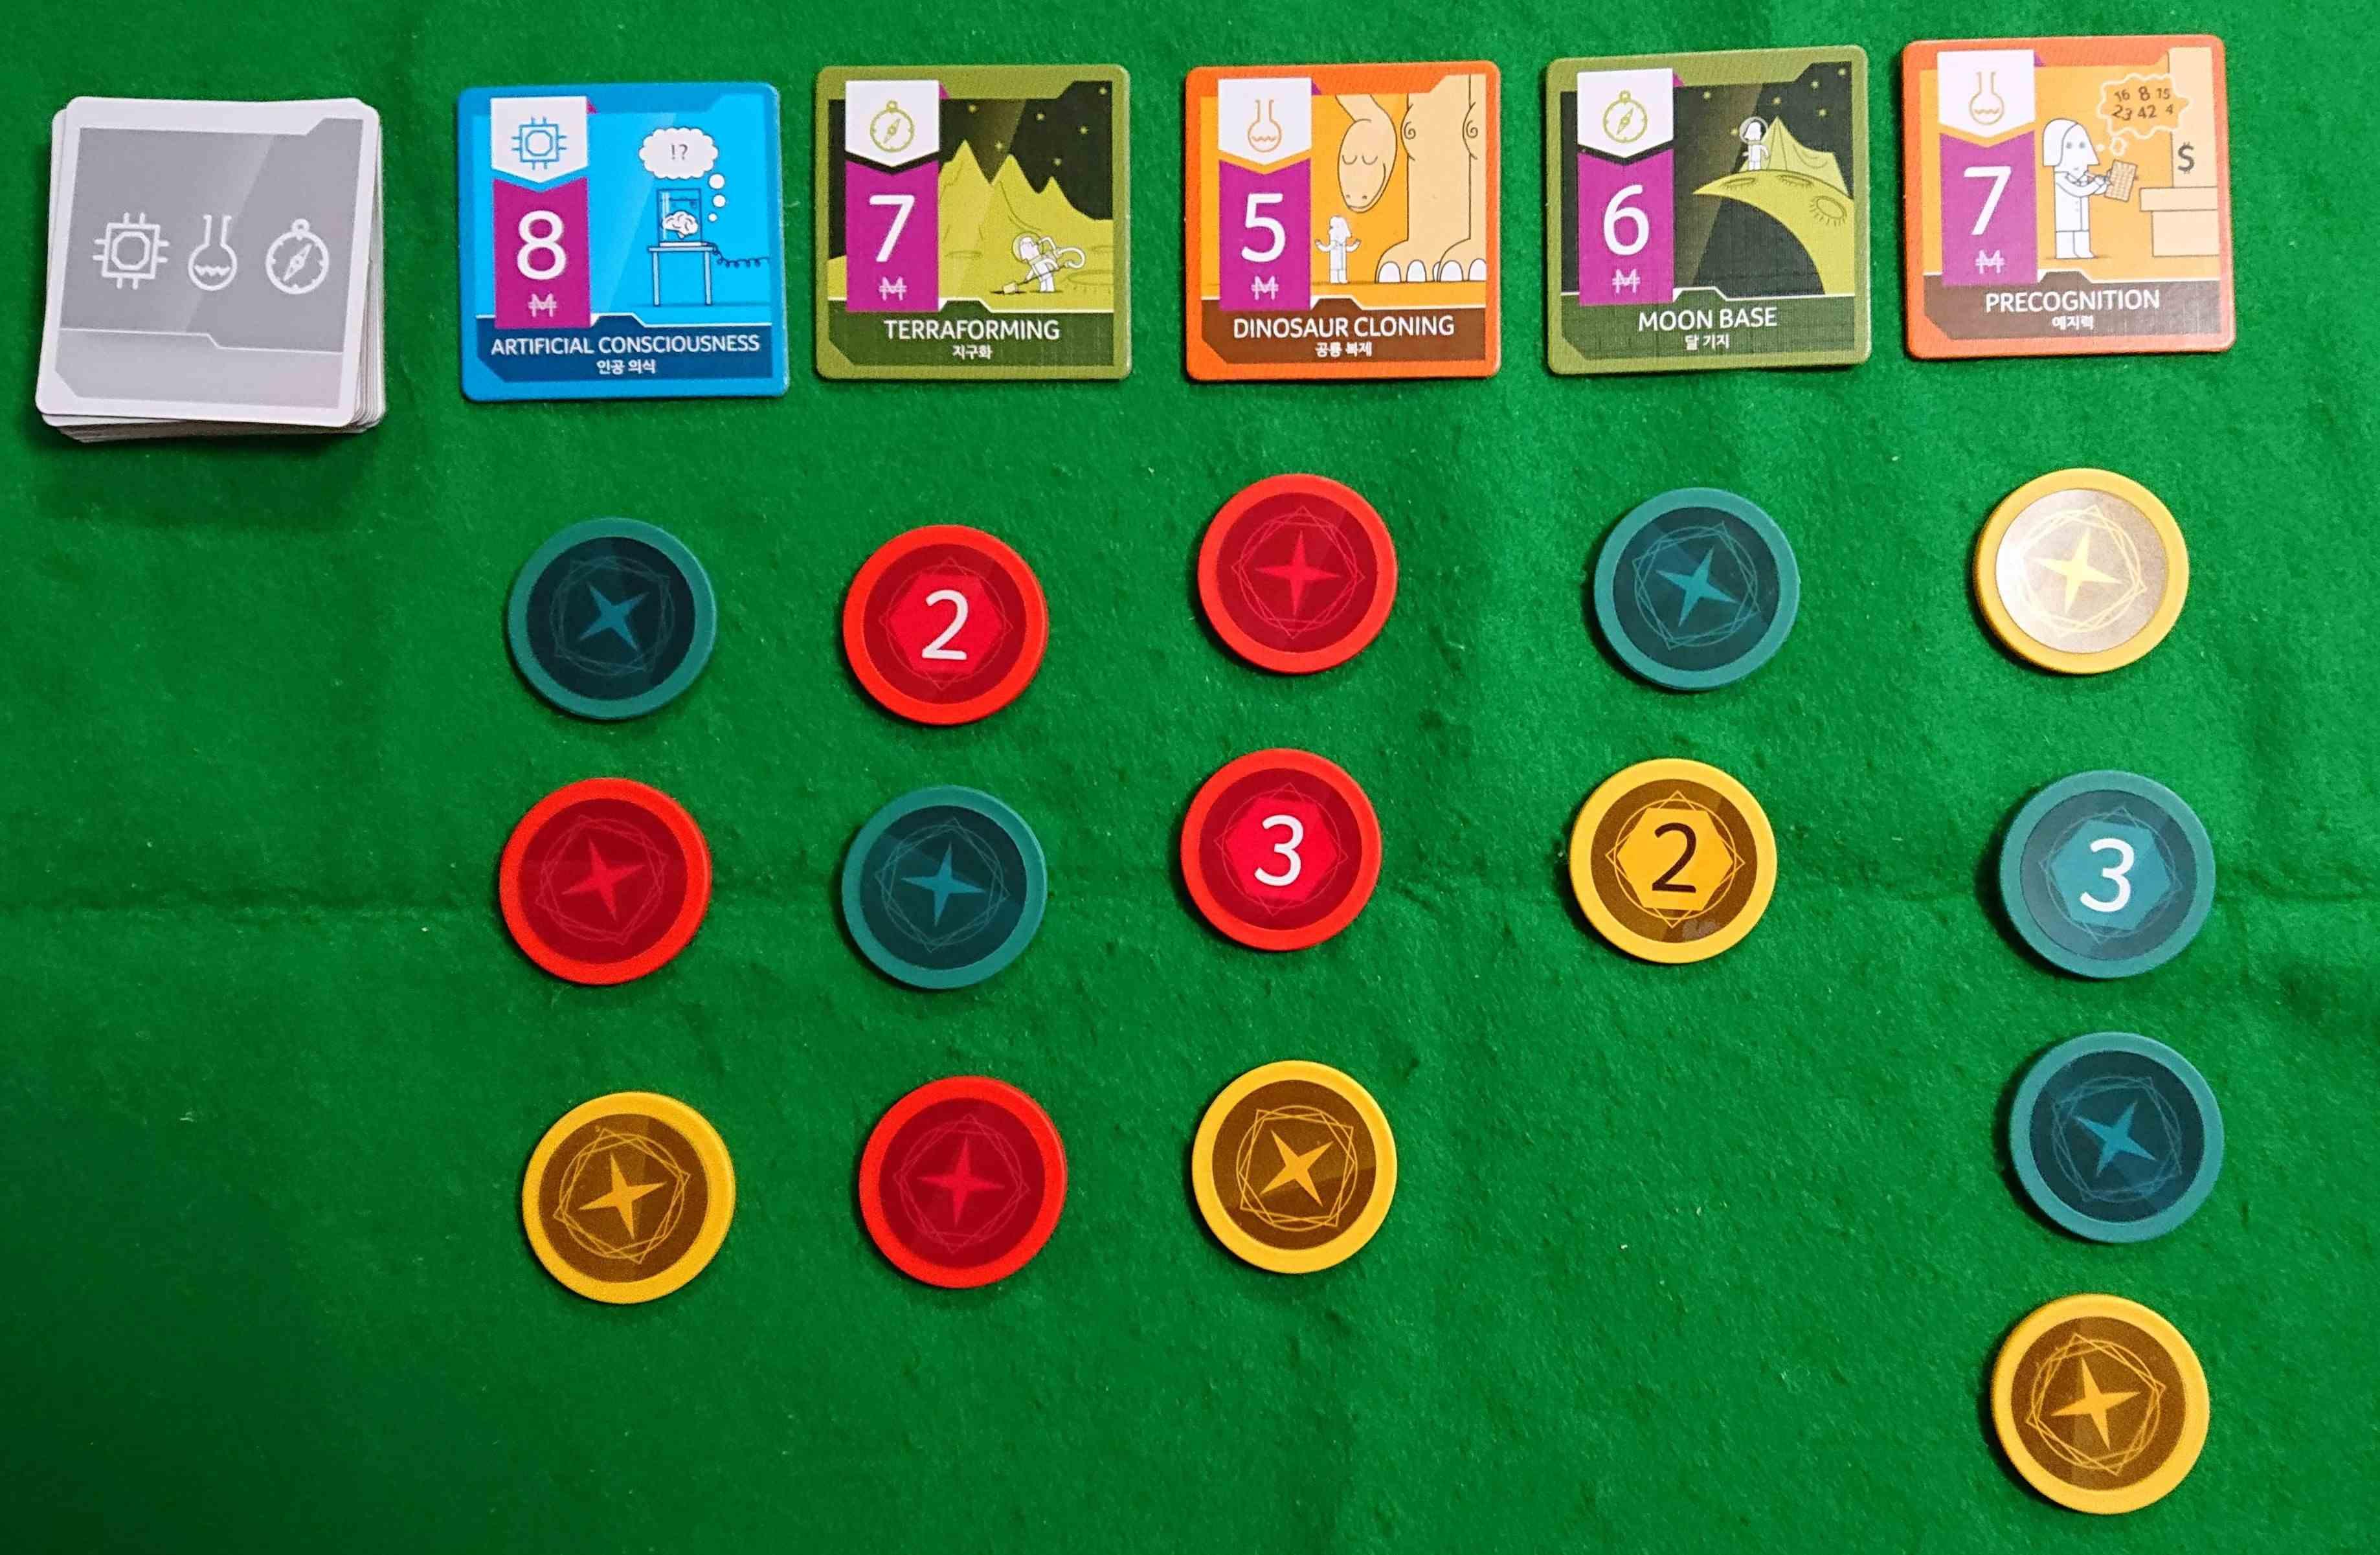 ベンチャーエンジェルス 相手の投資先を見抜きましょう シンプルな心理戦とブラフのボードゲーム